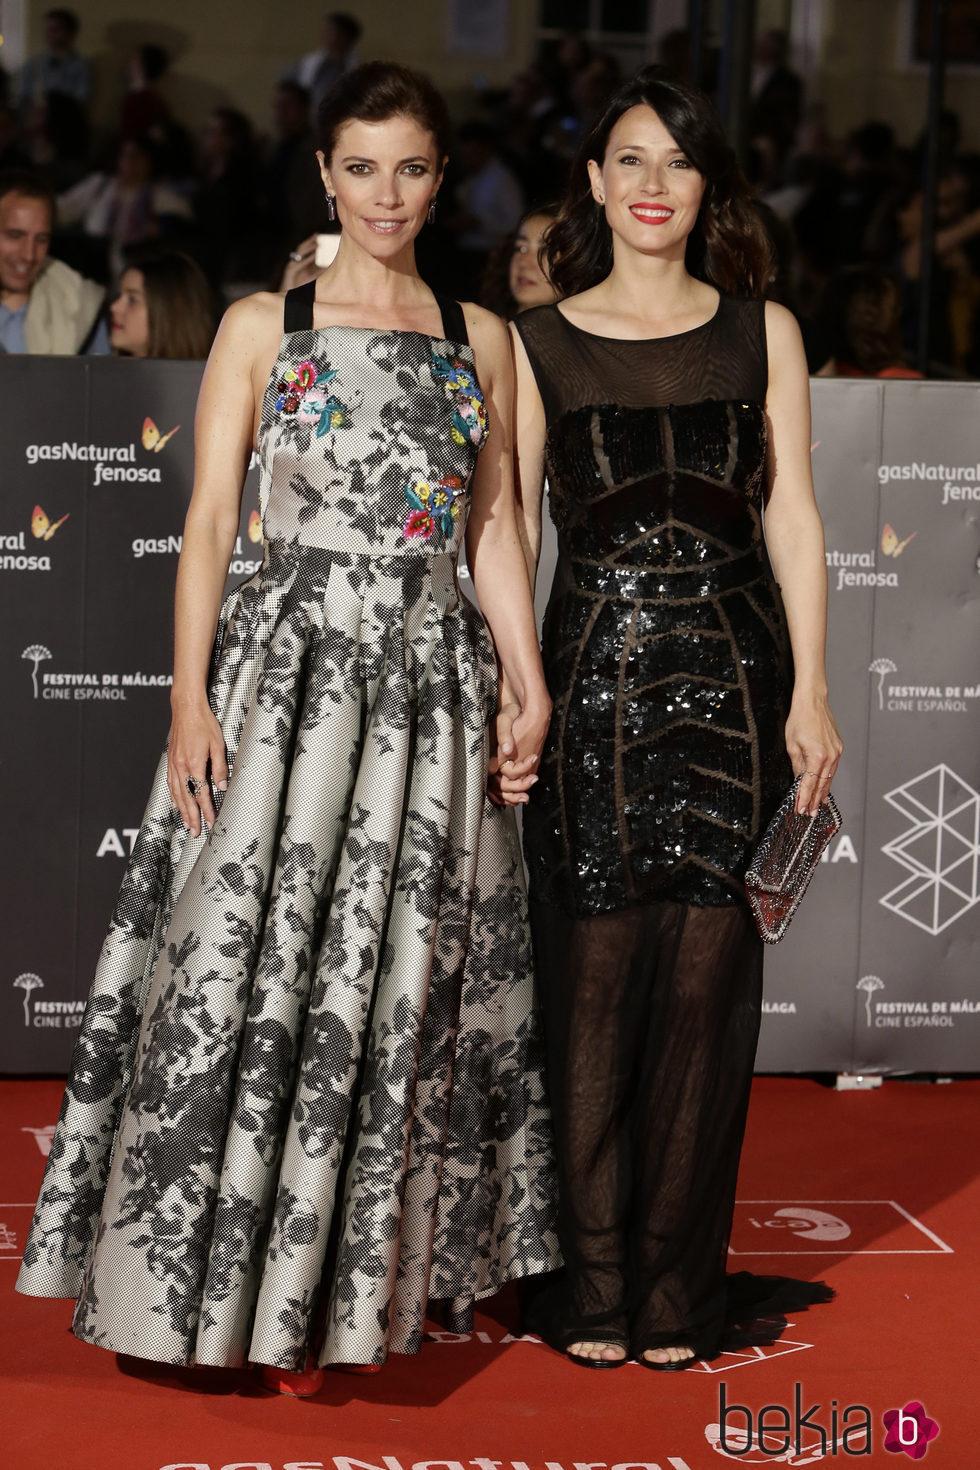 Maribel Verdú y Bárbara Goenaga  en la entrega del Premio Málaga Sur en el Festival de Málaga 2016